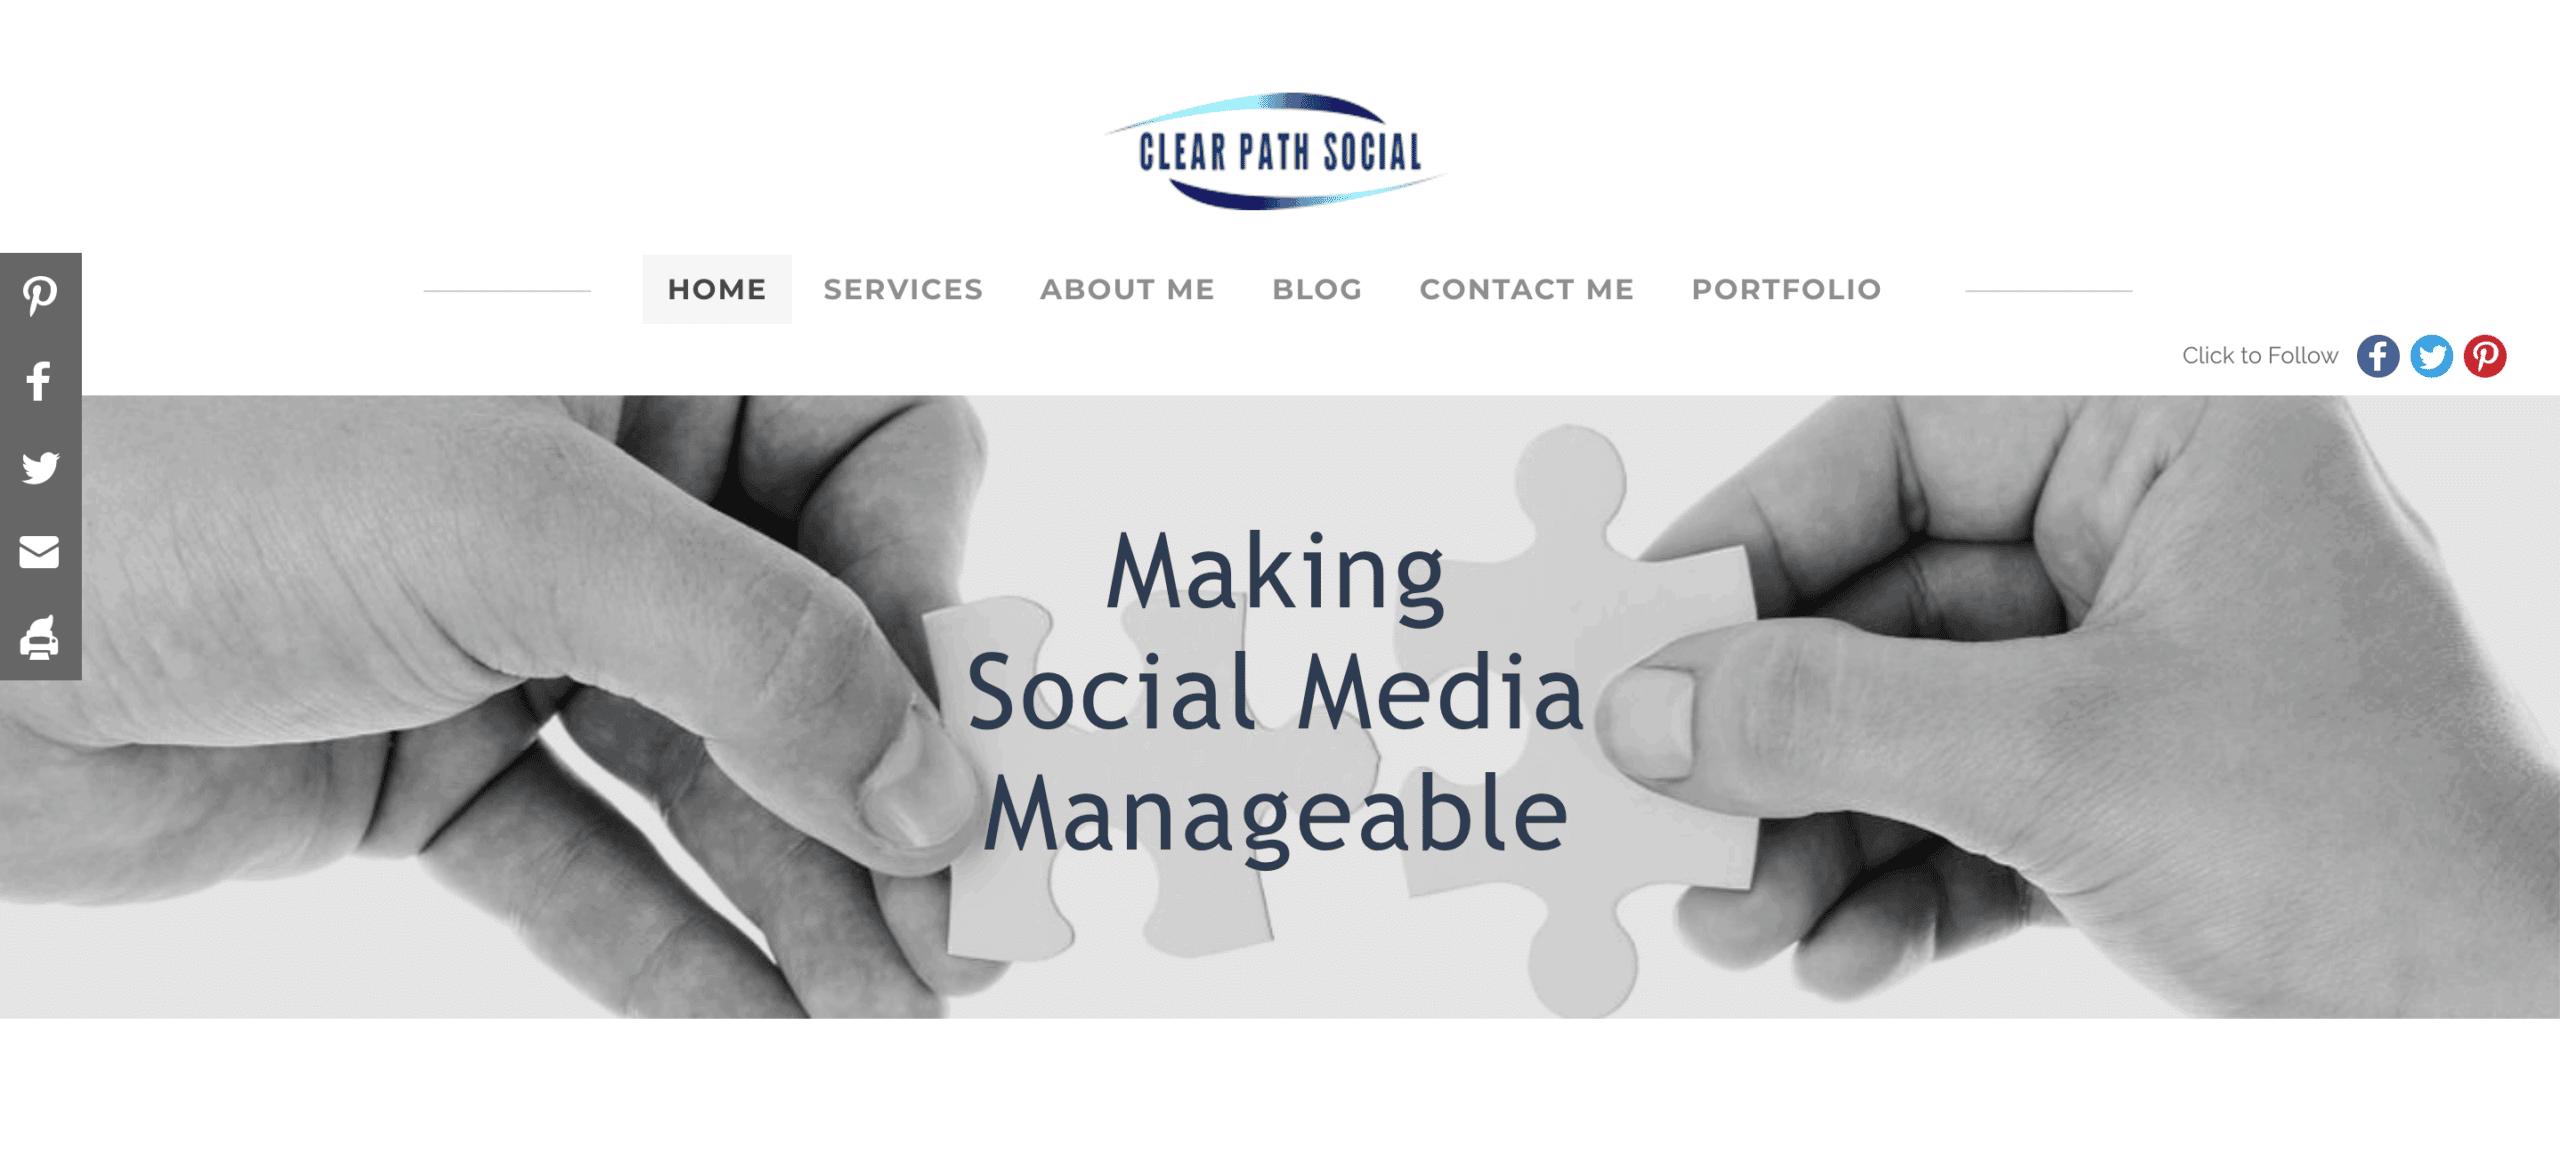 Clear Path Social eclincher testimonial